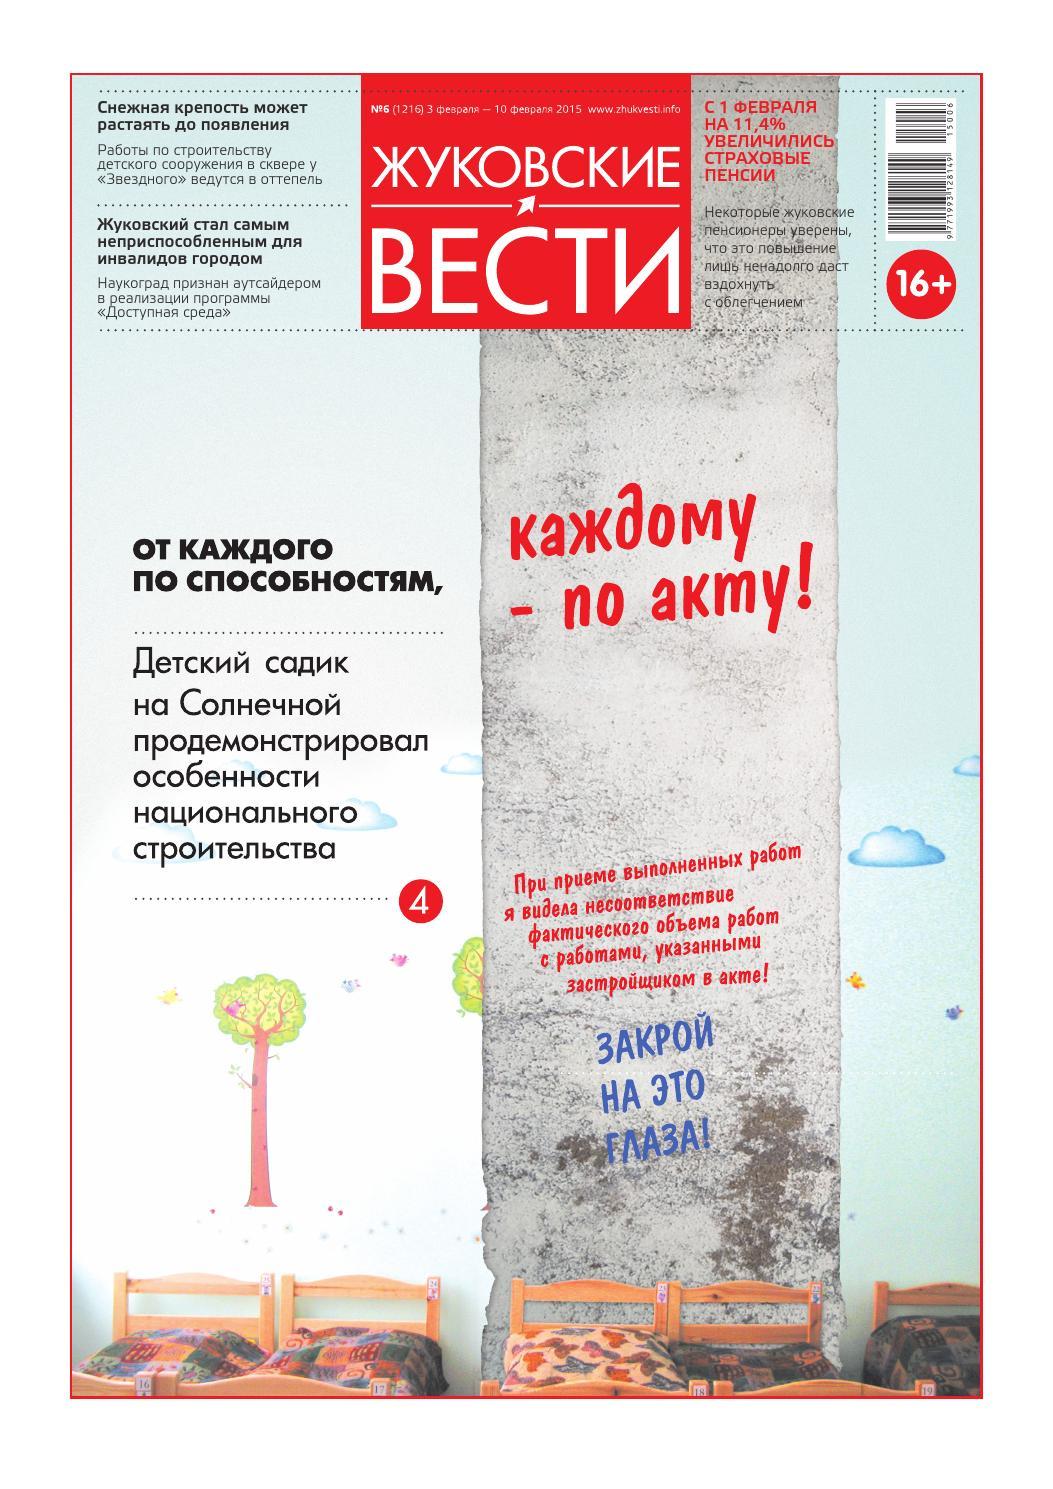 Справка от гастроэнтеролога Улица Ширяево Поле Справка от стоматолога 3-я Чоботовская аллея